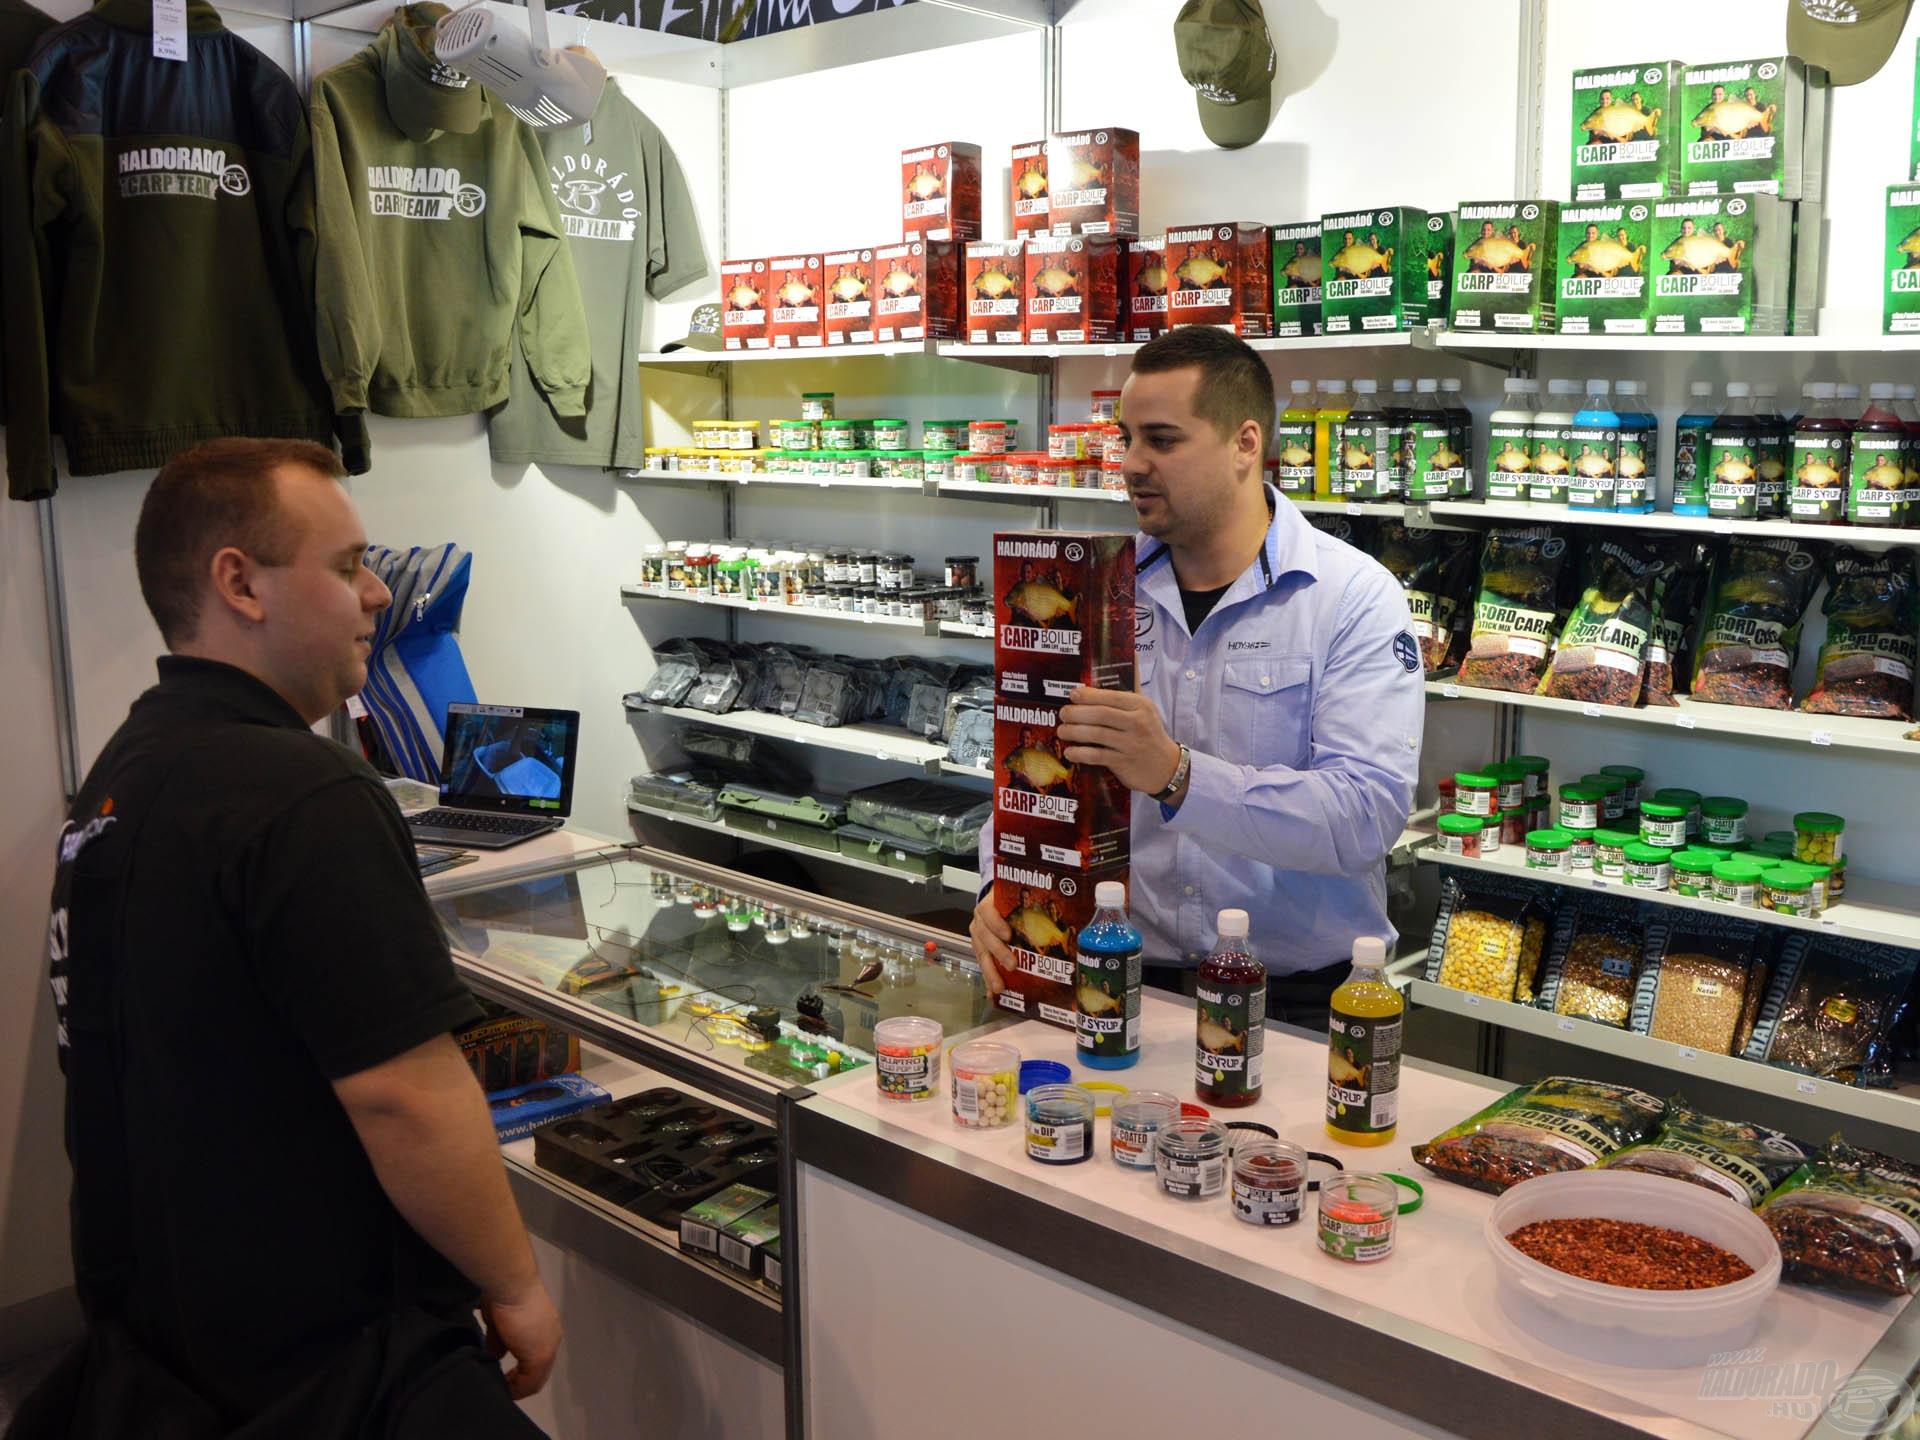 """Kerekes Ernő: """"Nemcsak az számít, mit adunk a vásárlónknak, hanem az is, hogy megismertessük a termék használatával!"""""""